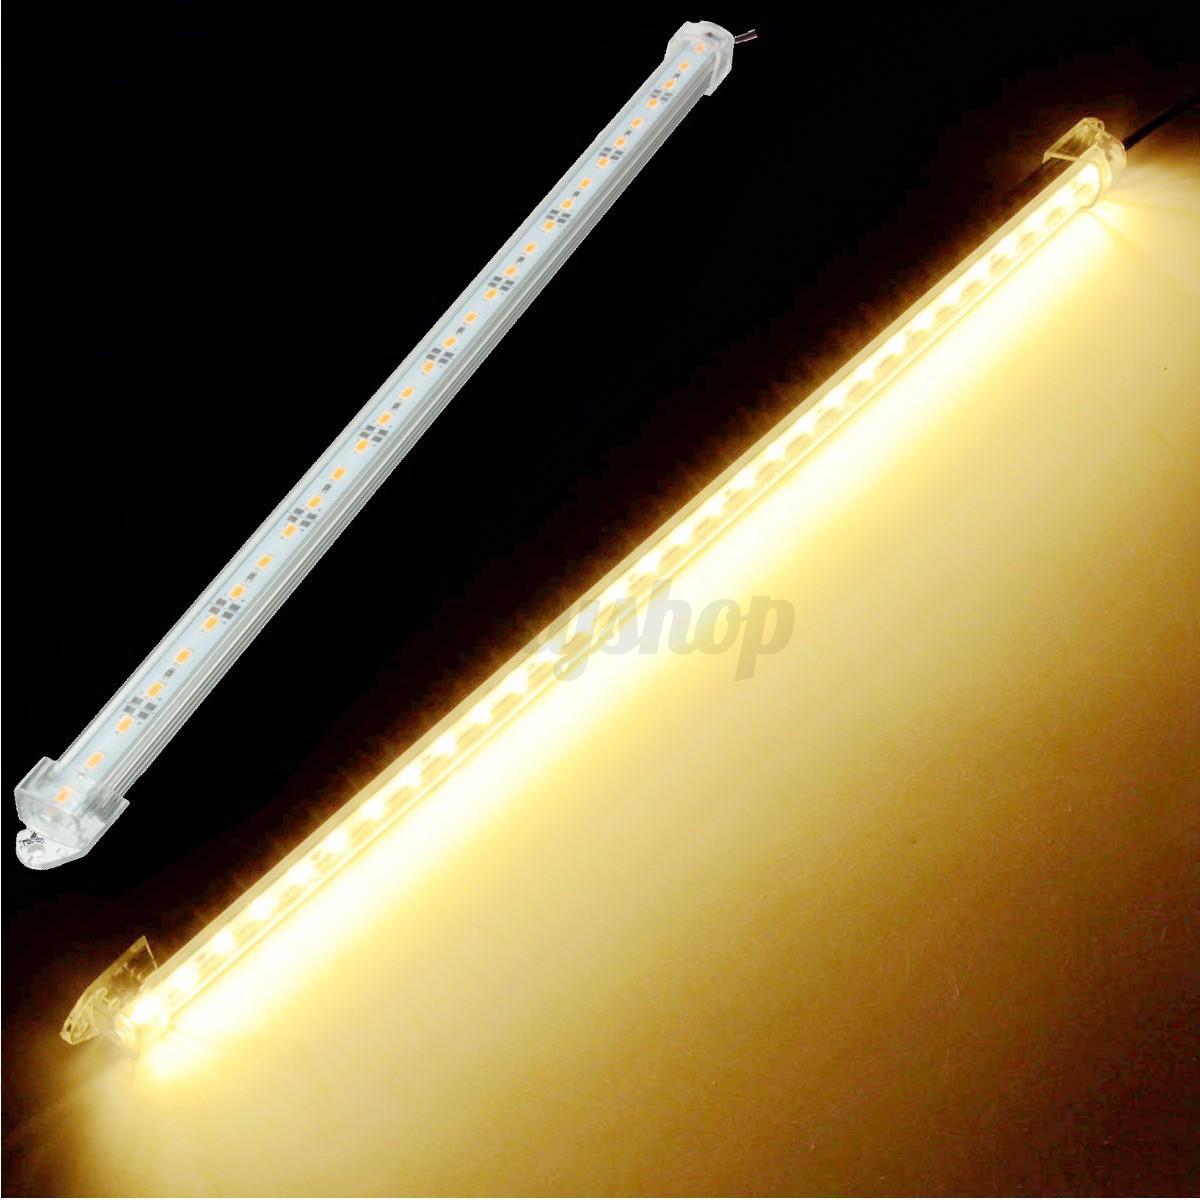 2x 12v 40cm led 5630 smd lichtleiste streifen innenbeleuchtung wei lampe licht ebay. Black Bedroom Furniture Sets. Home Design Ideas